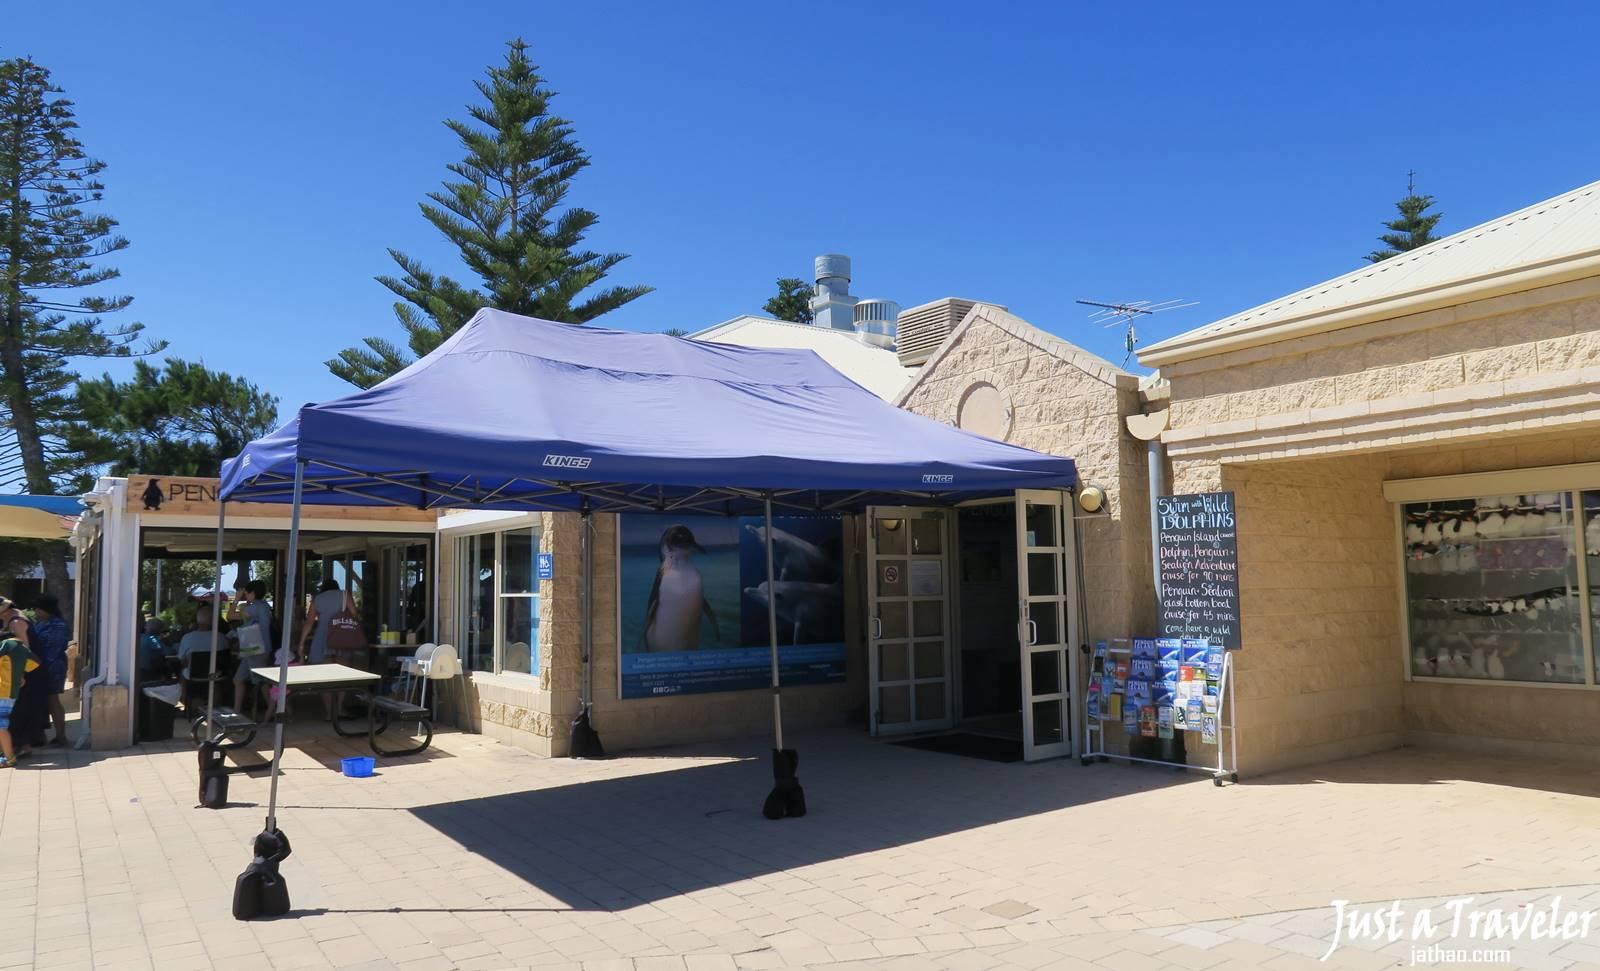 伯斯-景點-推薦-必玩-一日遊-企鵝島-Penguin-Island-遊記-交通-渡輪-船-旅遊-自由行-Perth